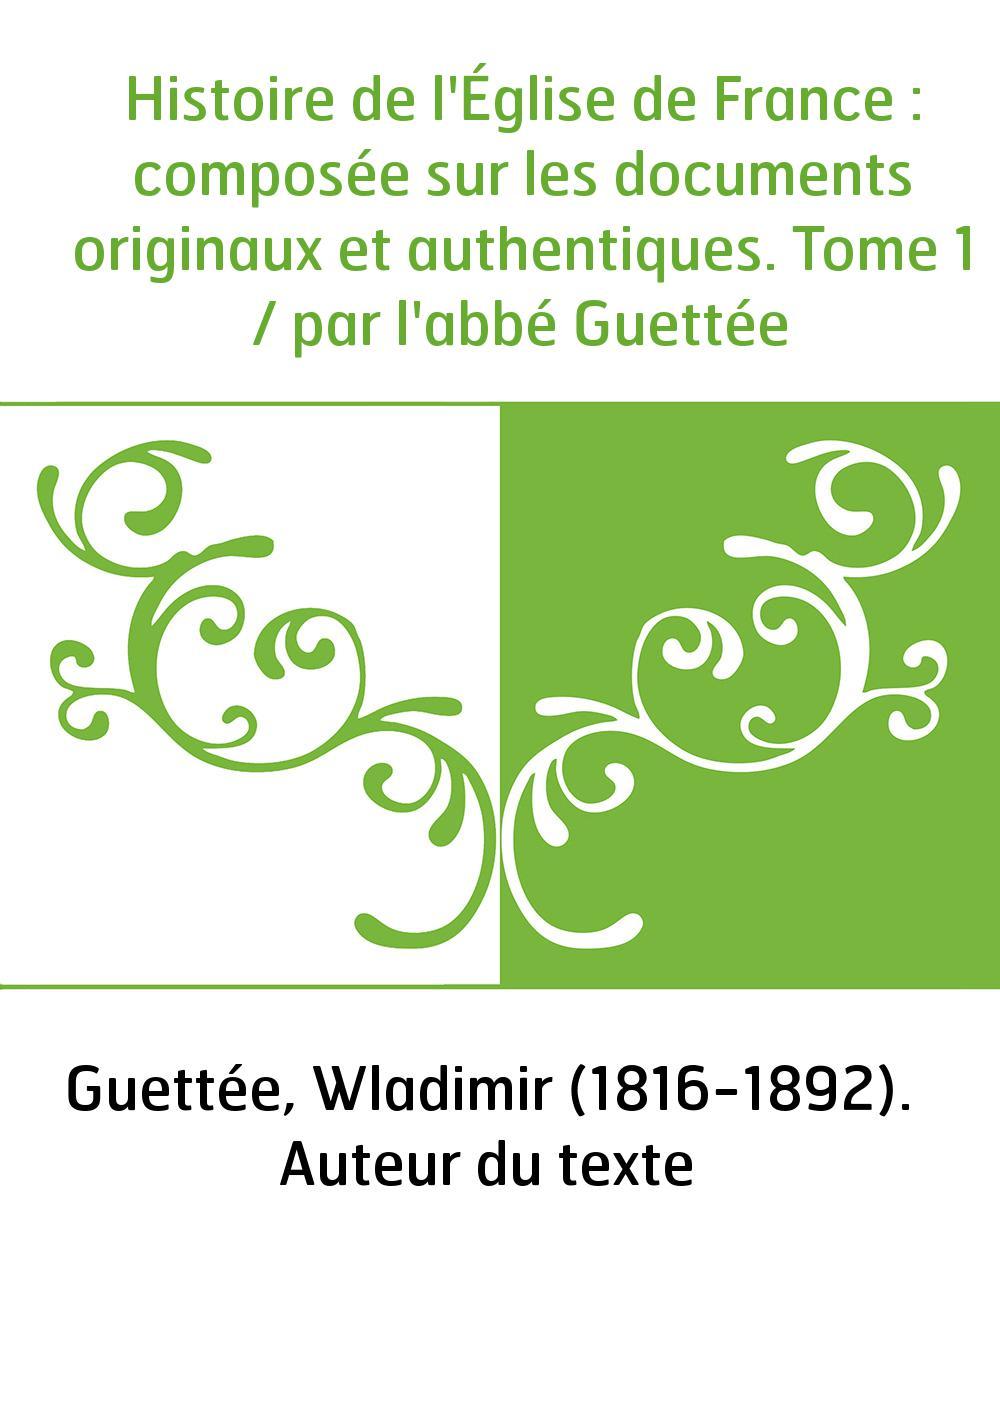 Histoire de l'Église de France : composée sur les documents originaux et authentiques. Tome 1 / par l'abbé Guettée